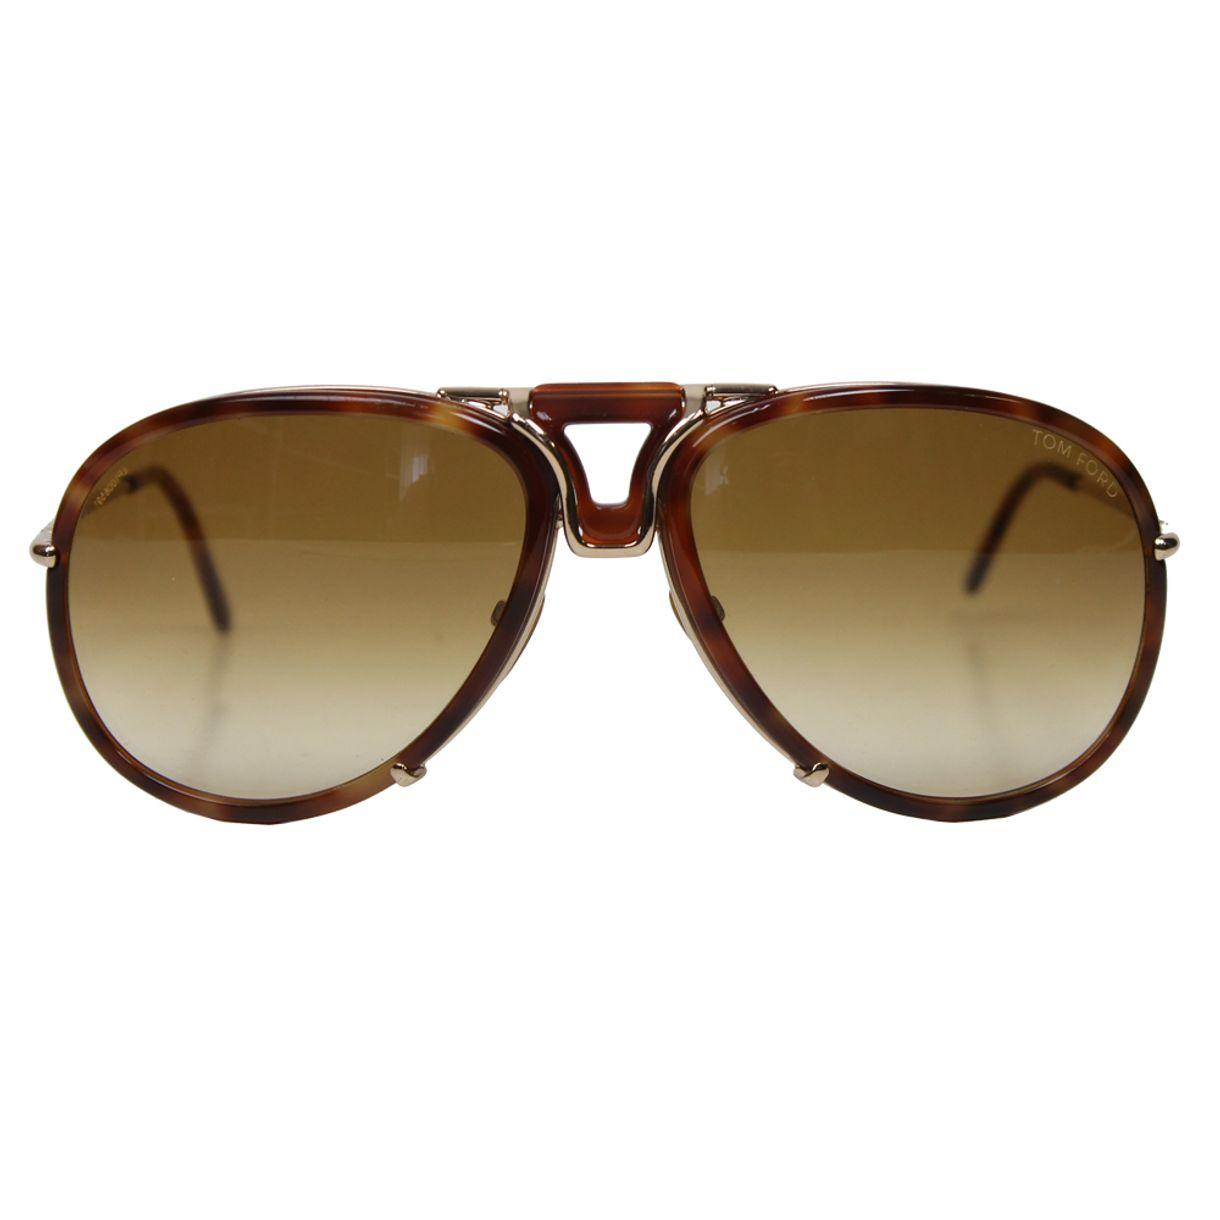 6375-oculos-tom-ford-hawkings-marrom-1